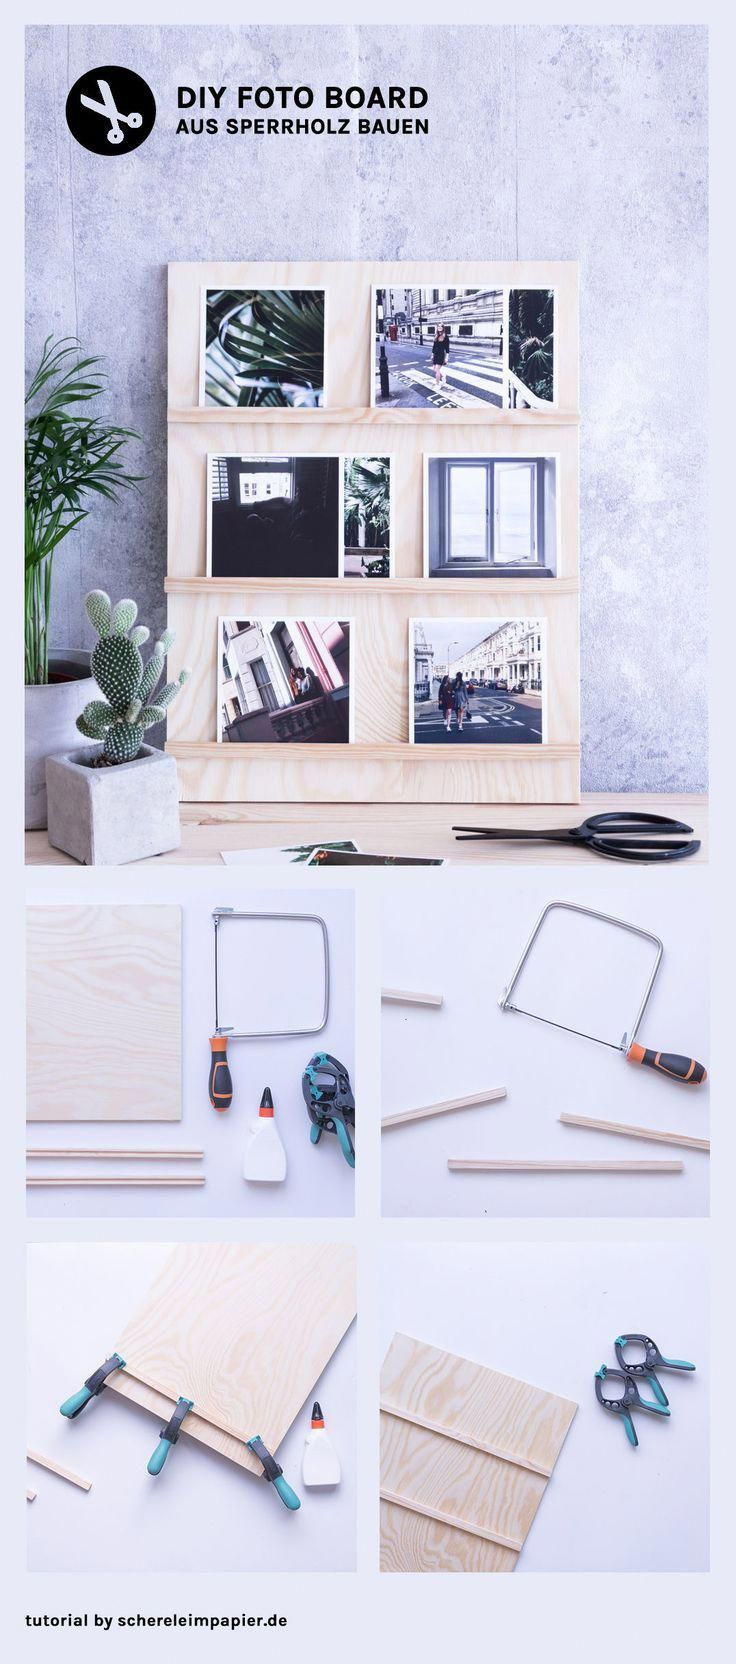 Home design bilder im freien diy bilderrahmen gestalten foto display board aus sperrholz selber